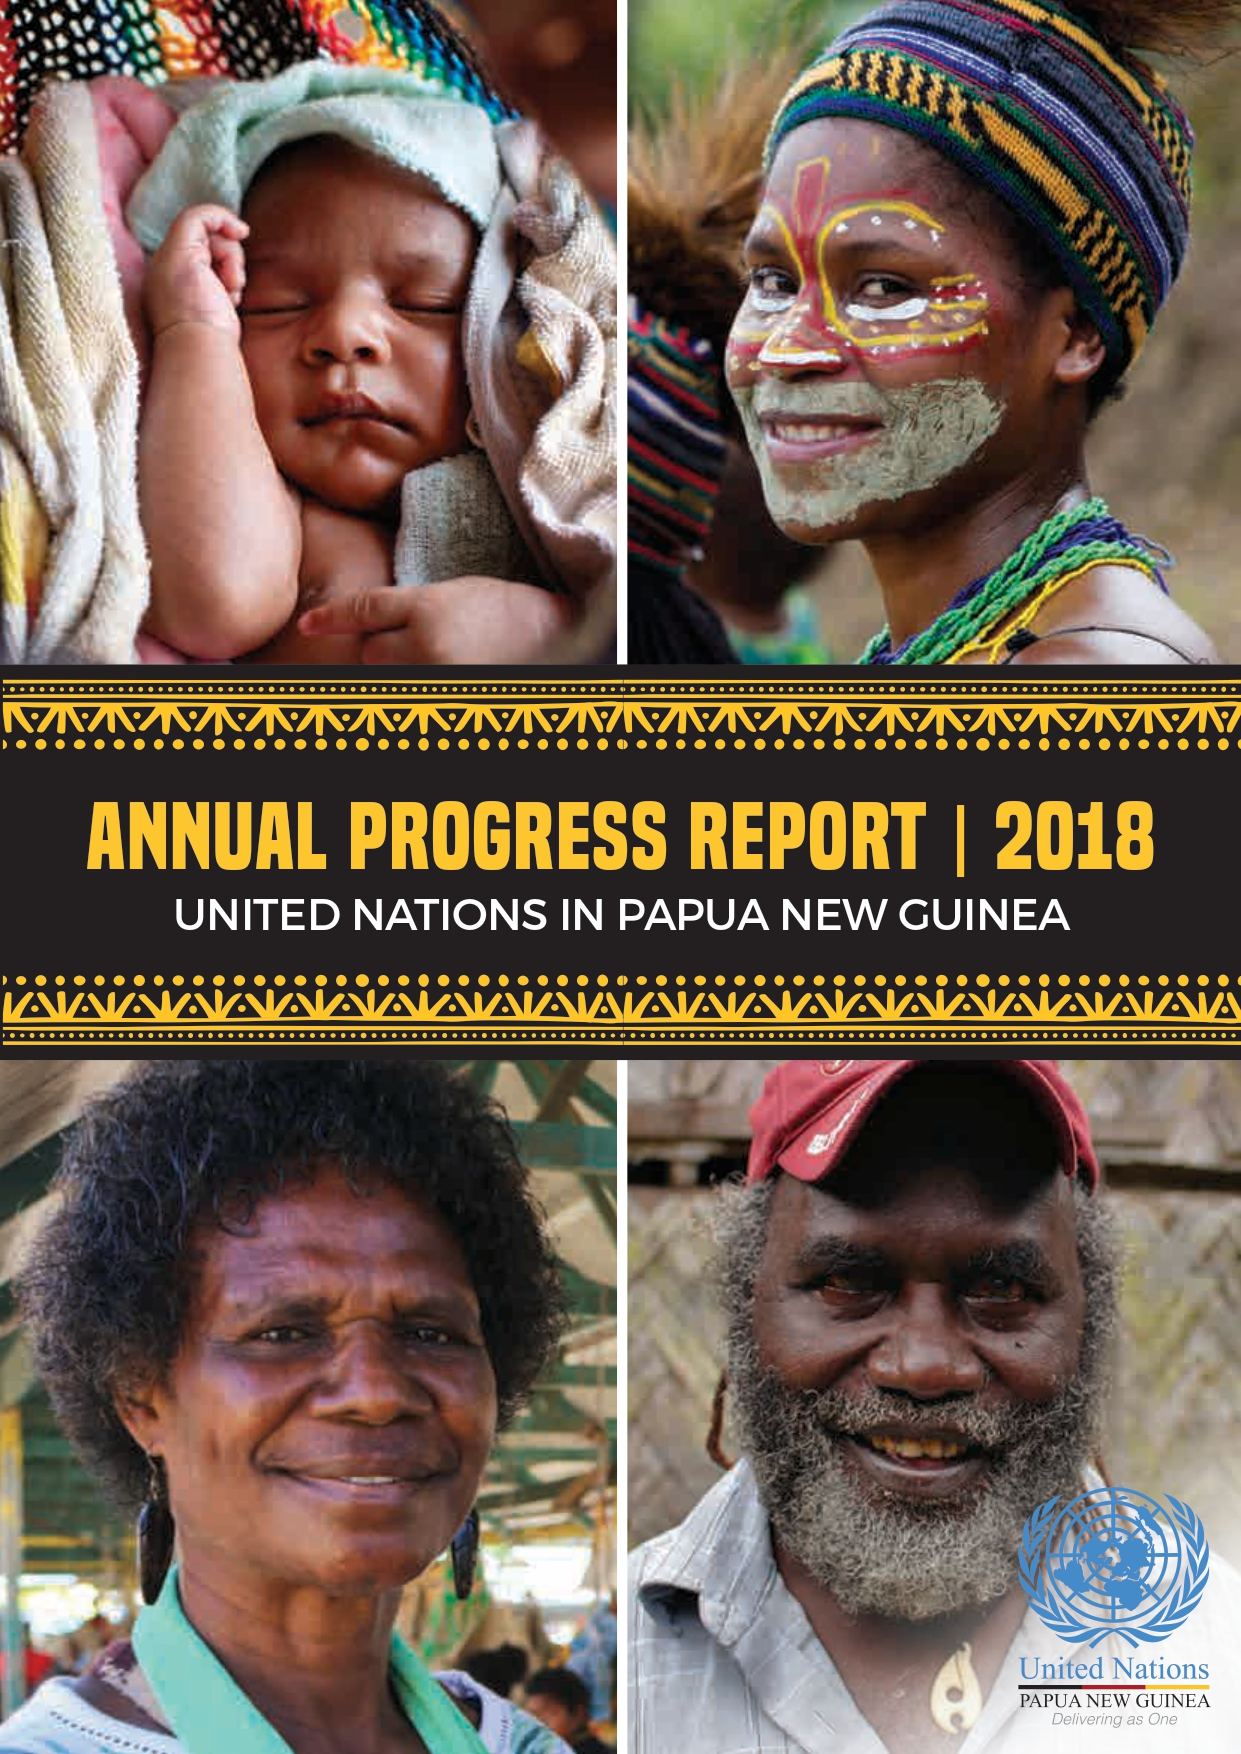 Annual Progress Report 2018